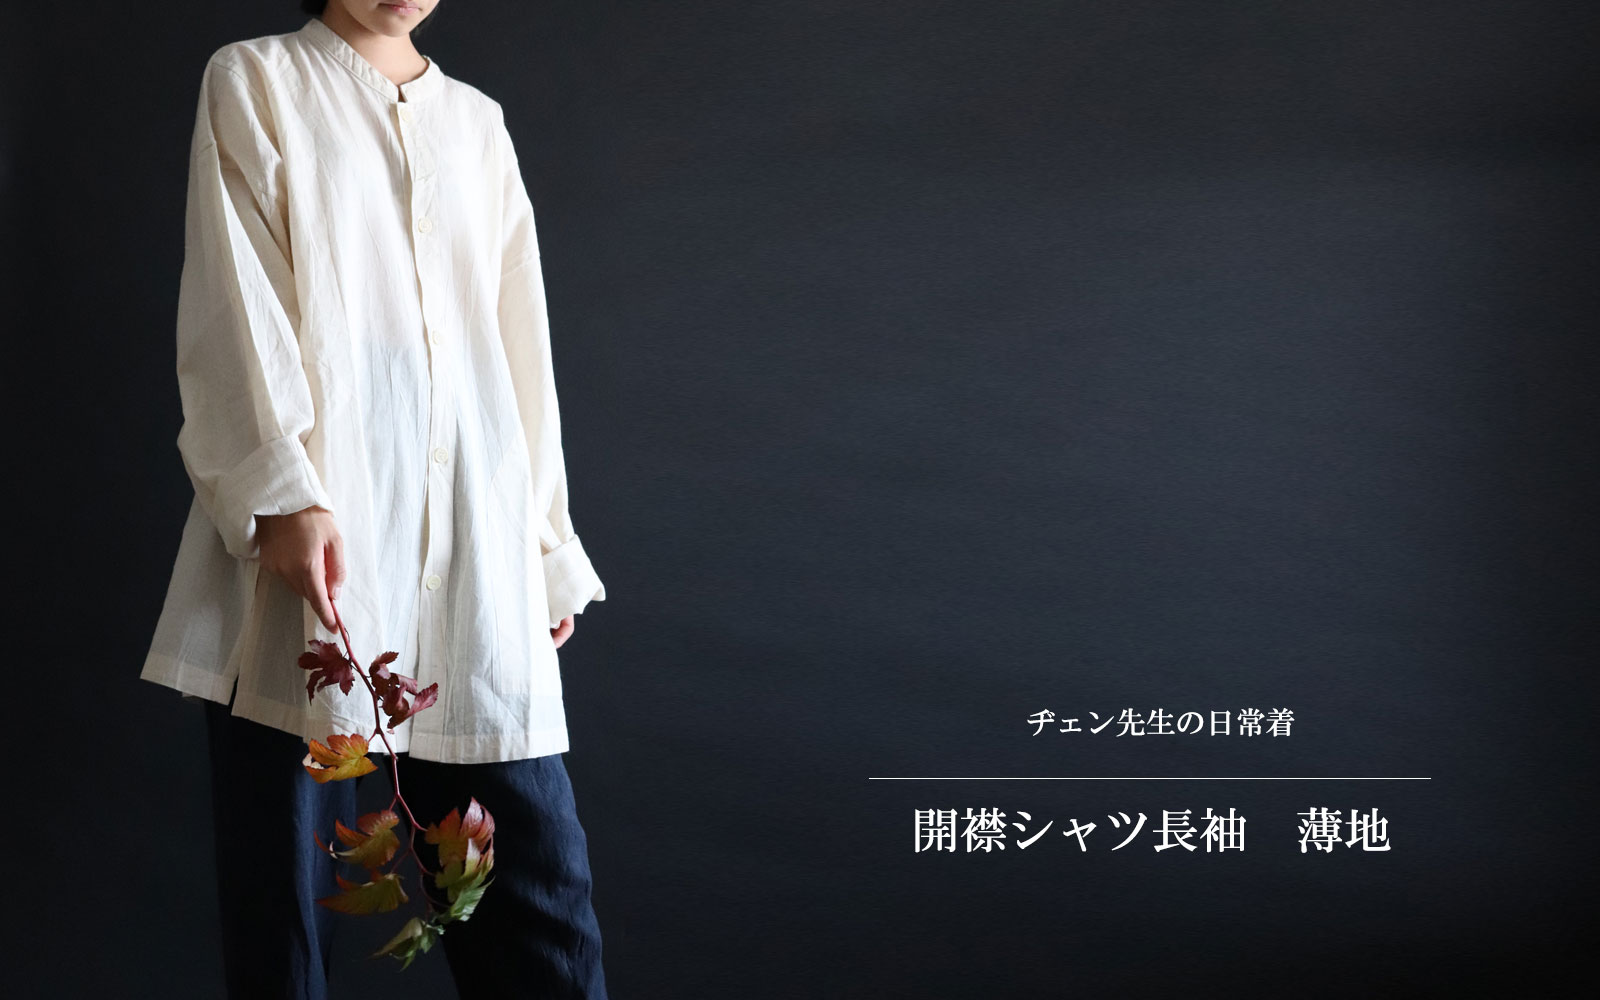 台湾ヂェン先生の日常着 鄭惠中老師 開襟シャツ長袖